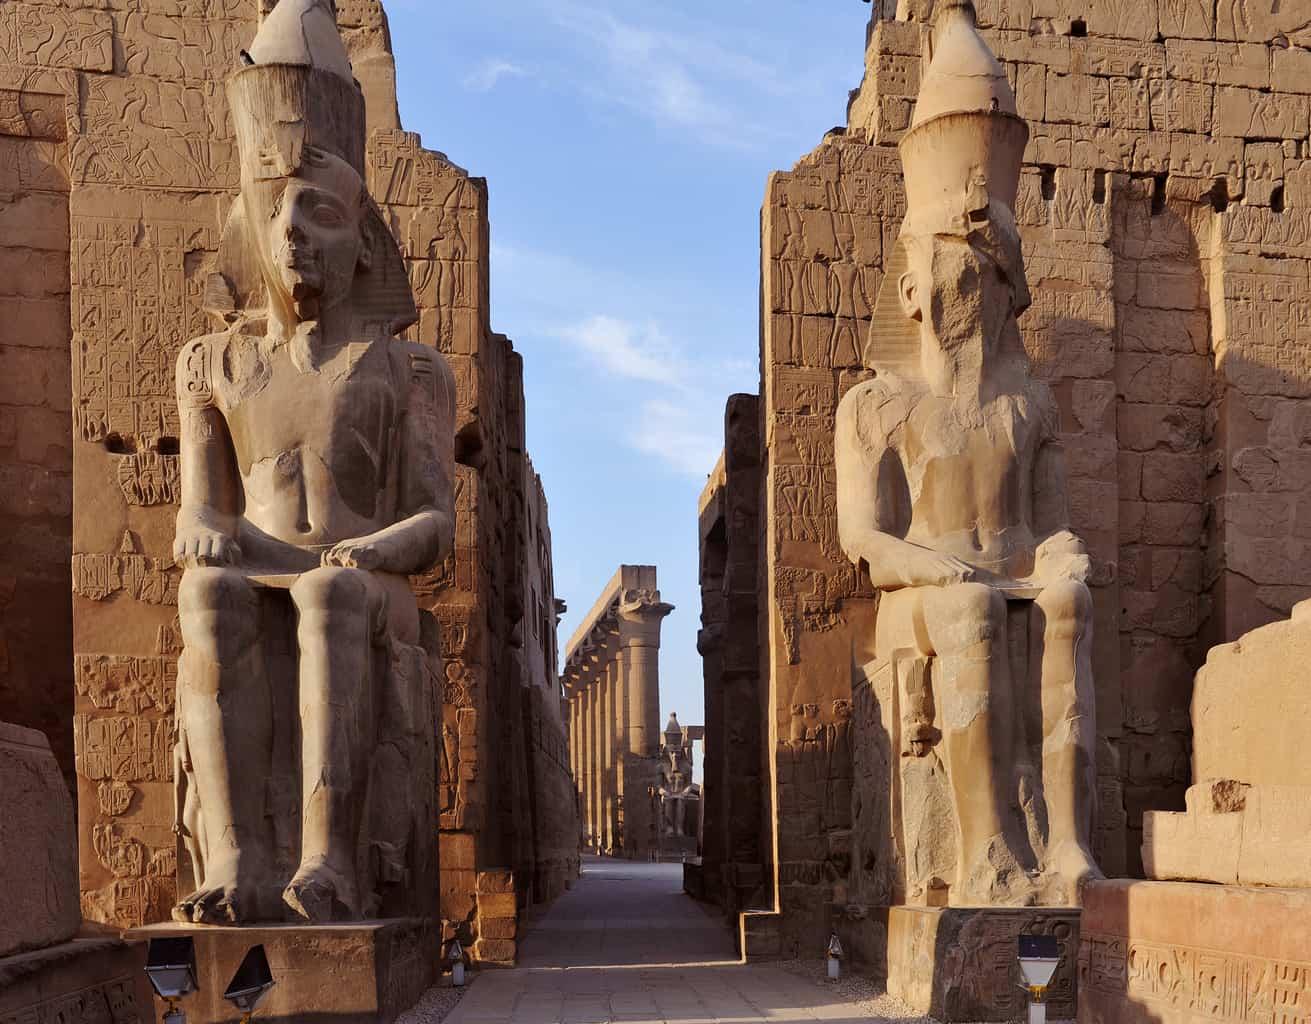 Uma-das-mais-belas-heranças-preservadas-é-o-Templo-de-Luxor-ícone-da-cidade-construído-na-Era-faraônica.